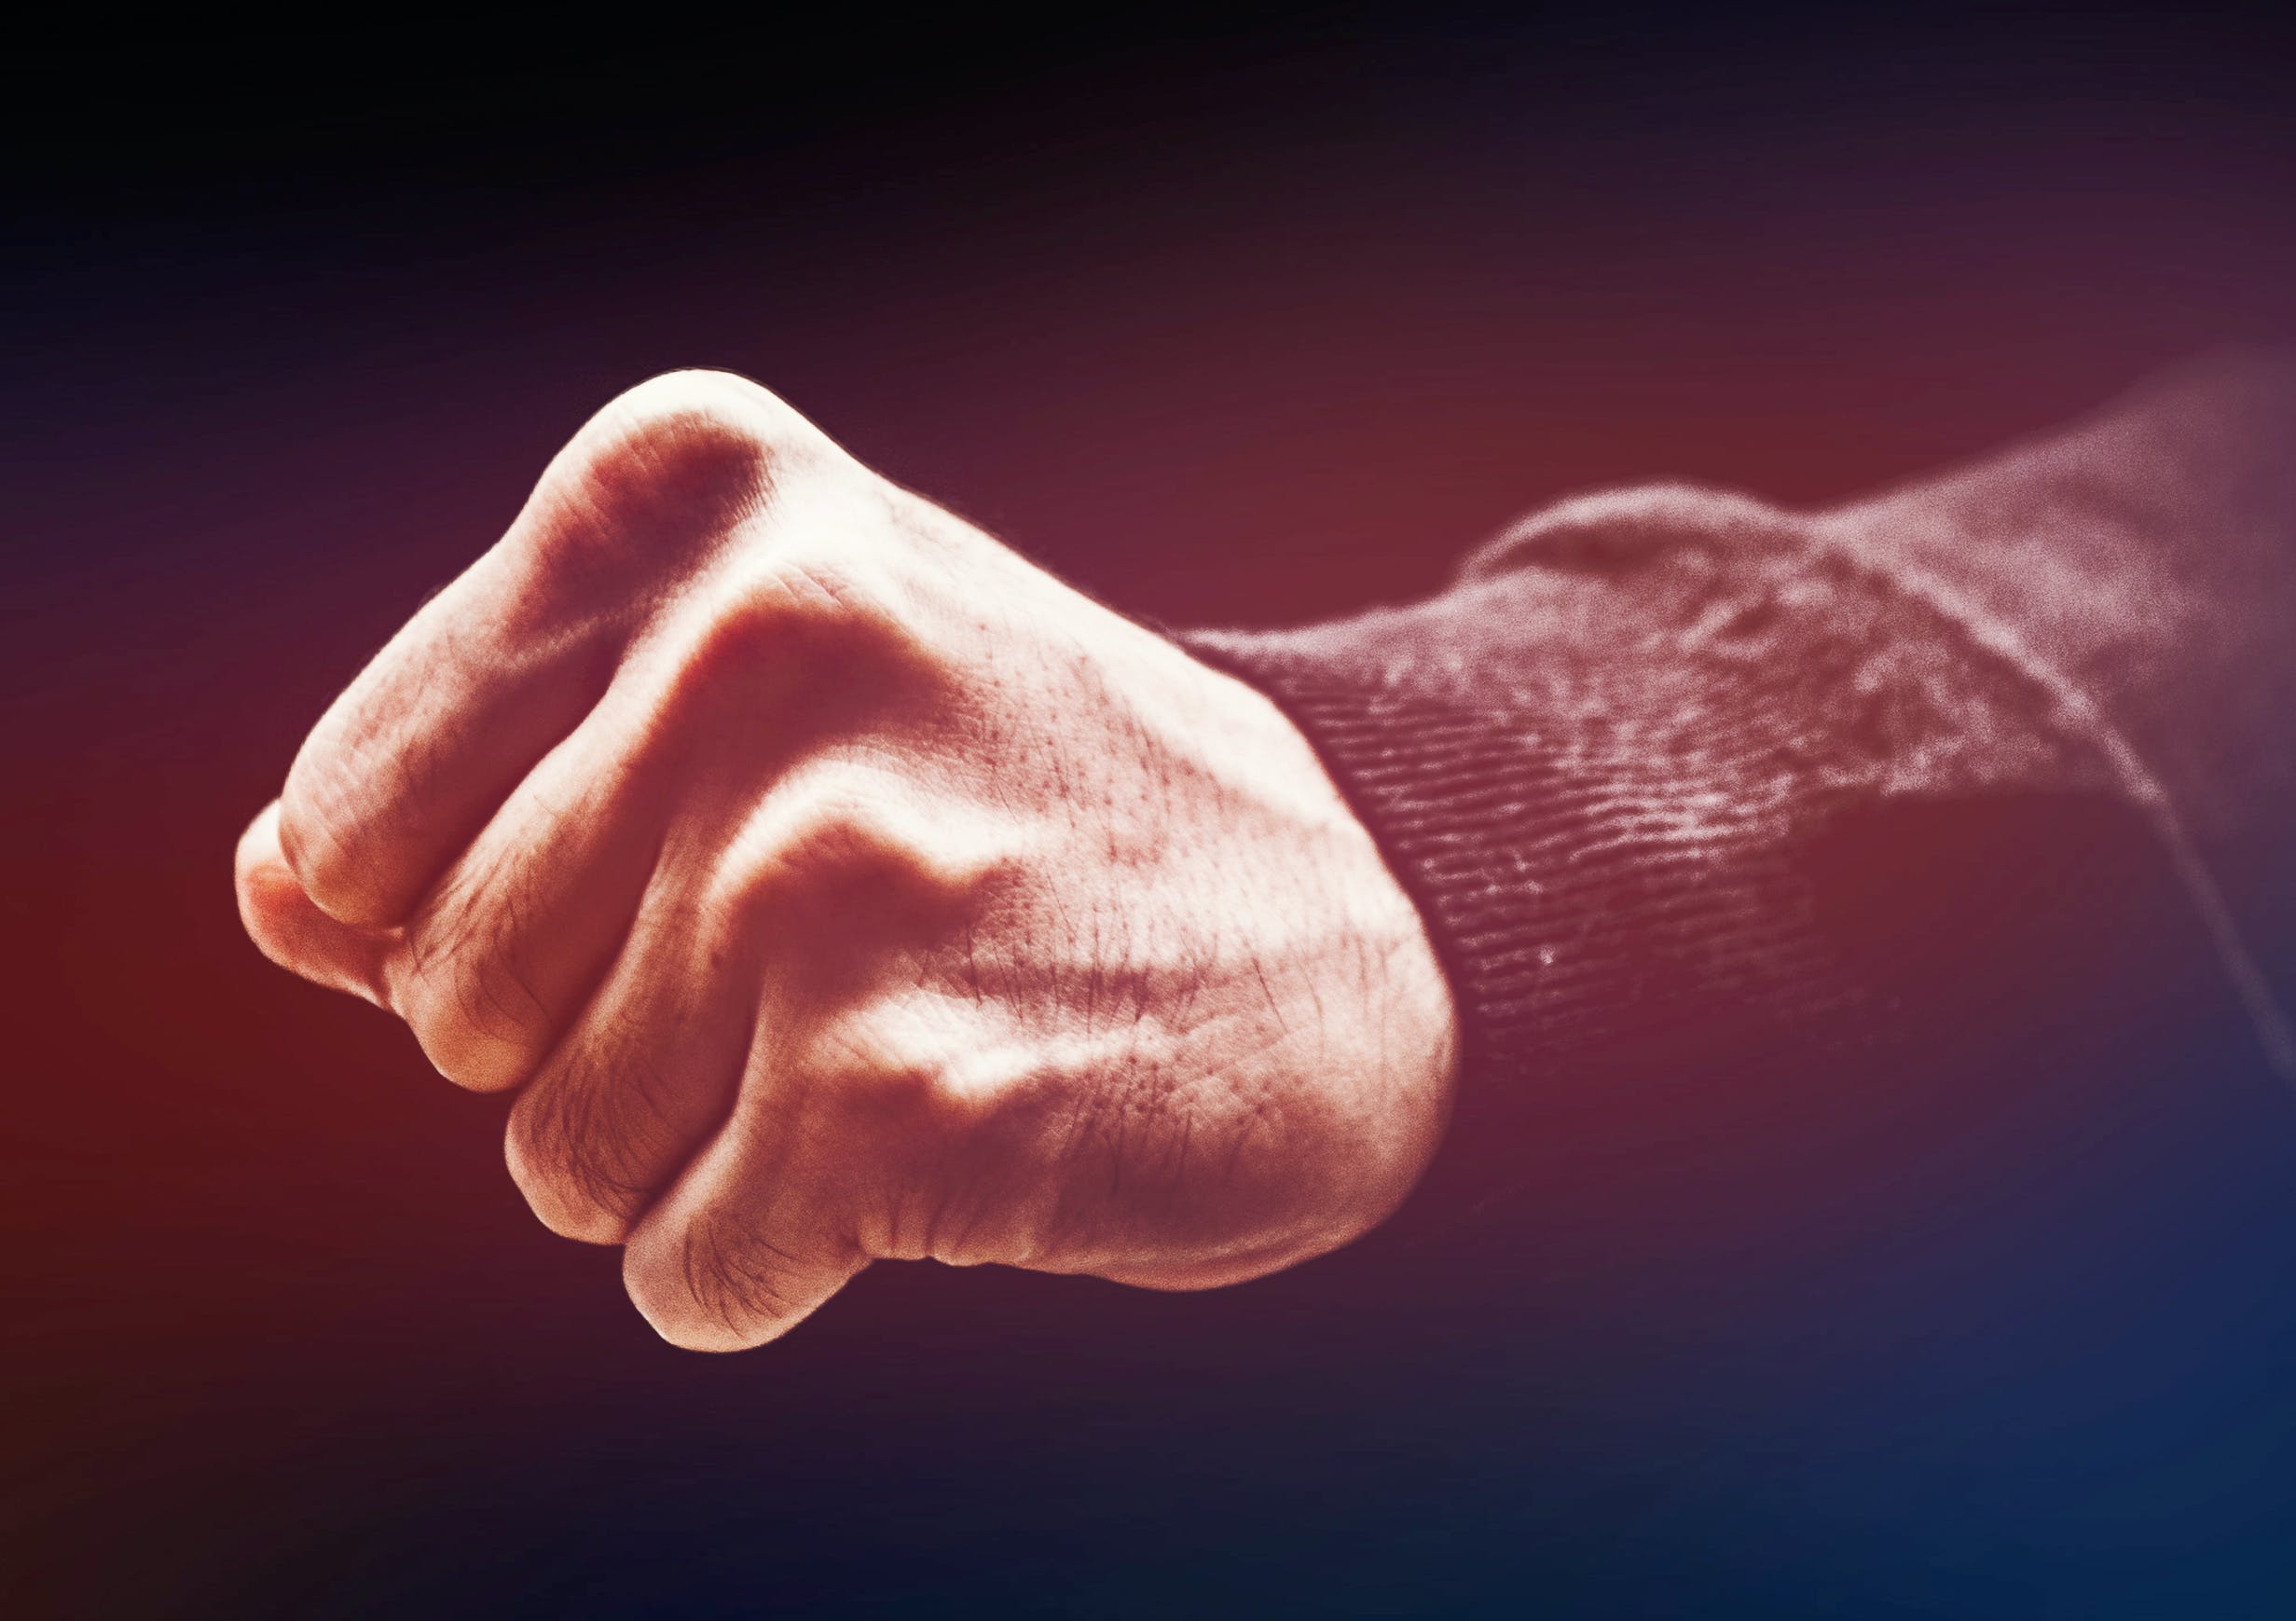 Foto d'estoc gratuïta de fer un cop de puny, home, lluitar, mà